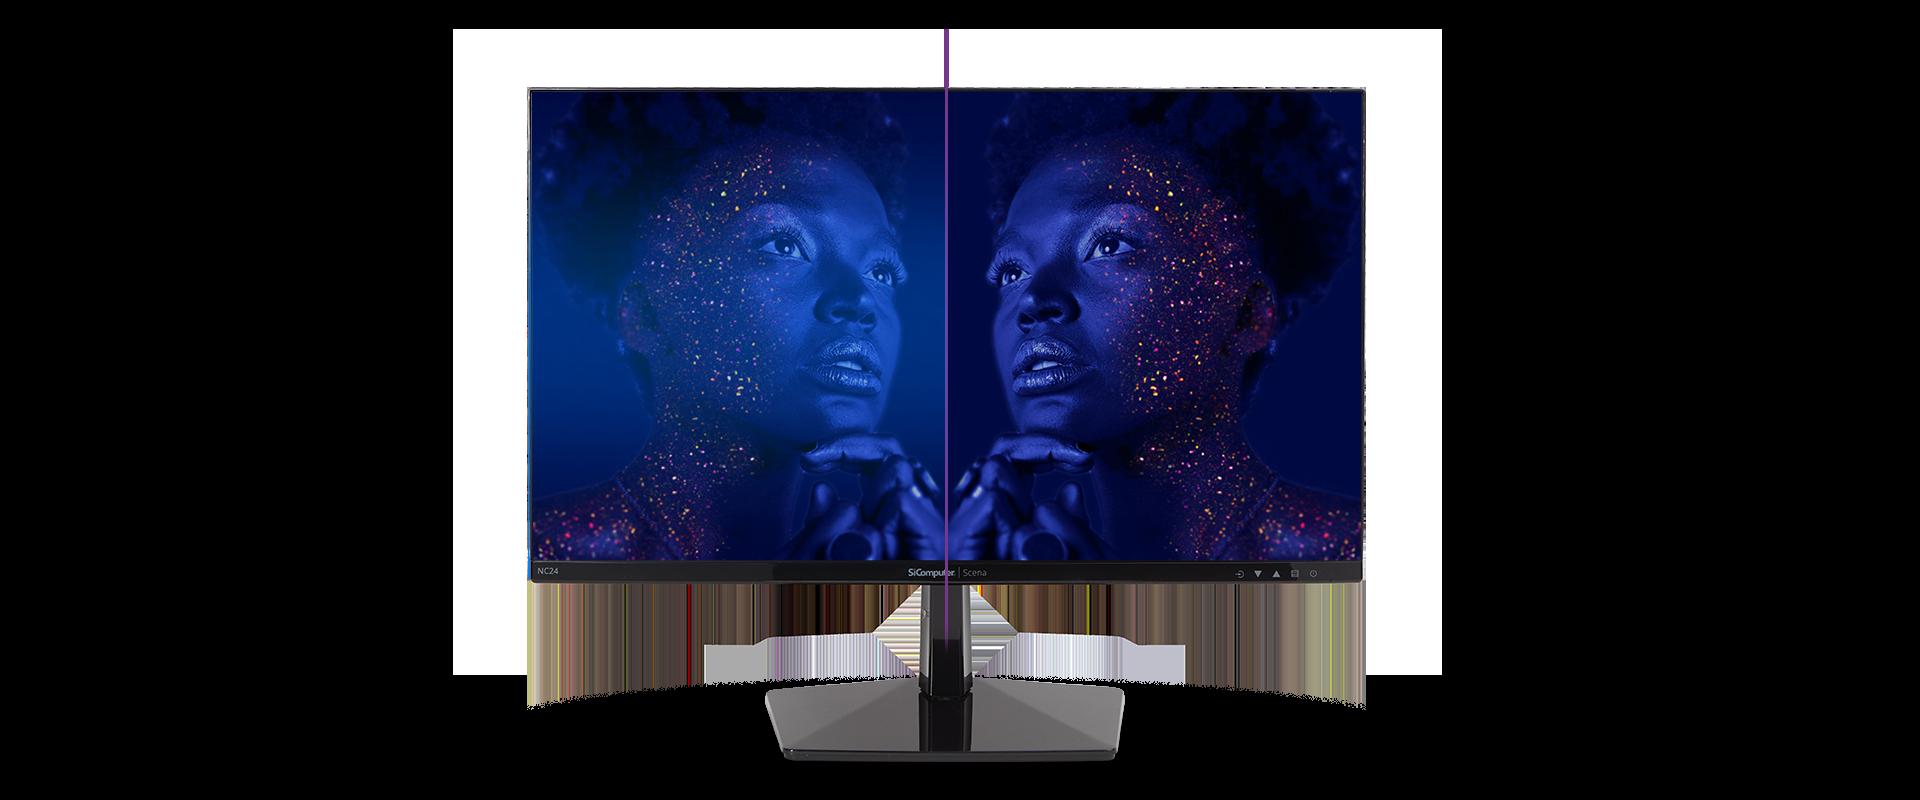 Monitor Scena NC24 - Design elegante e minimale